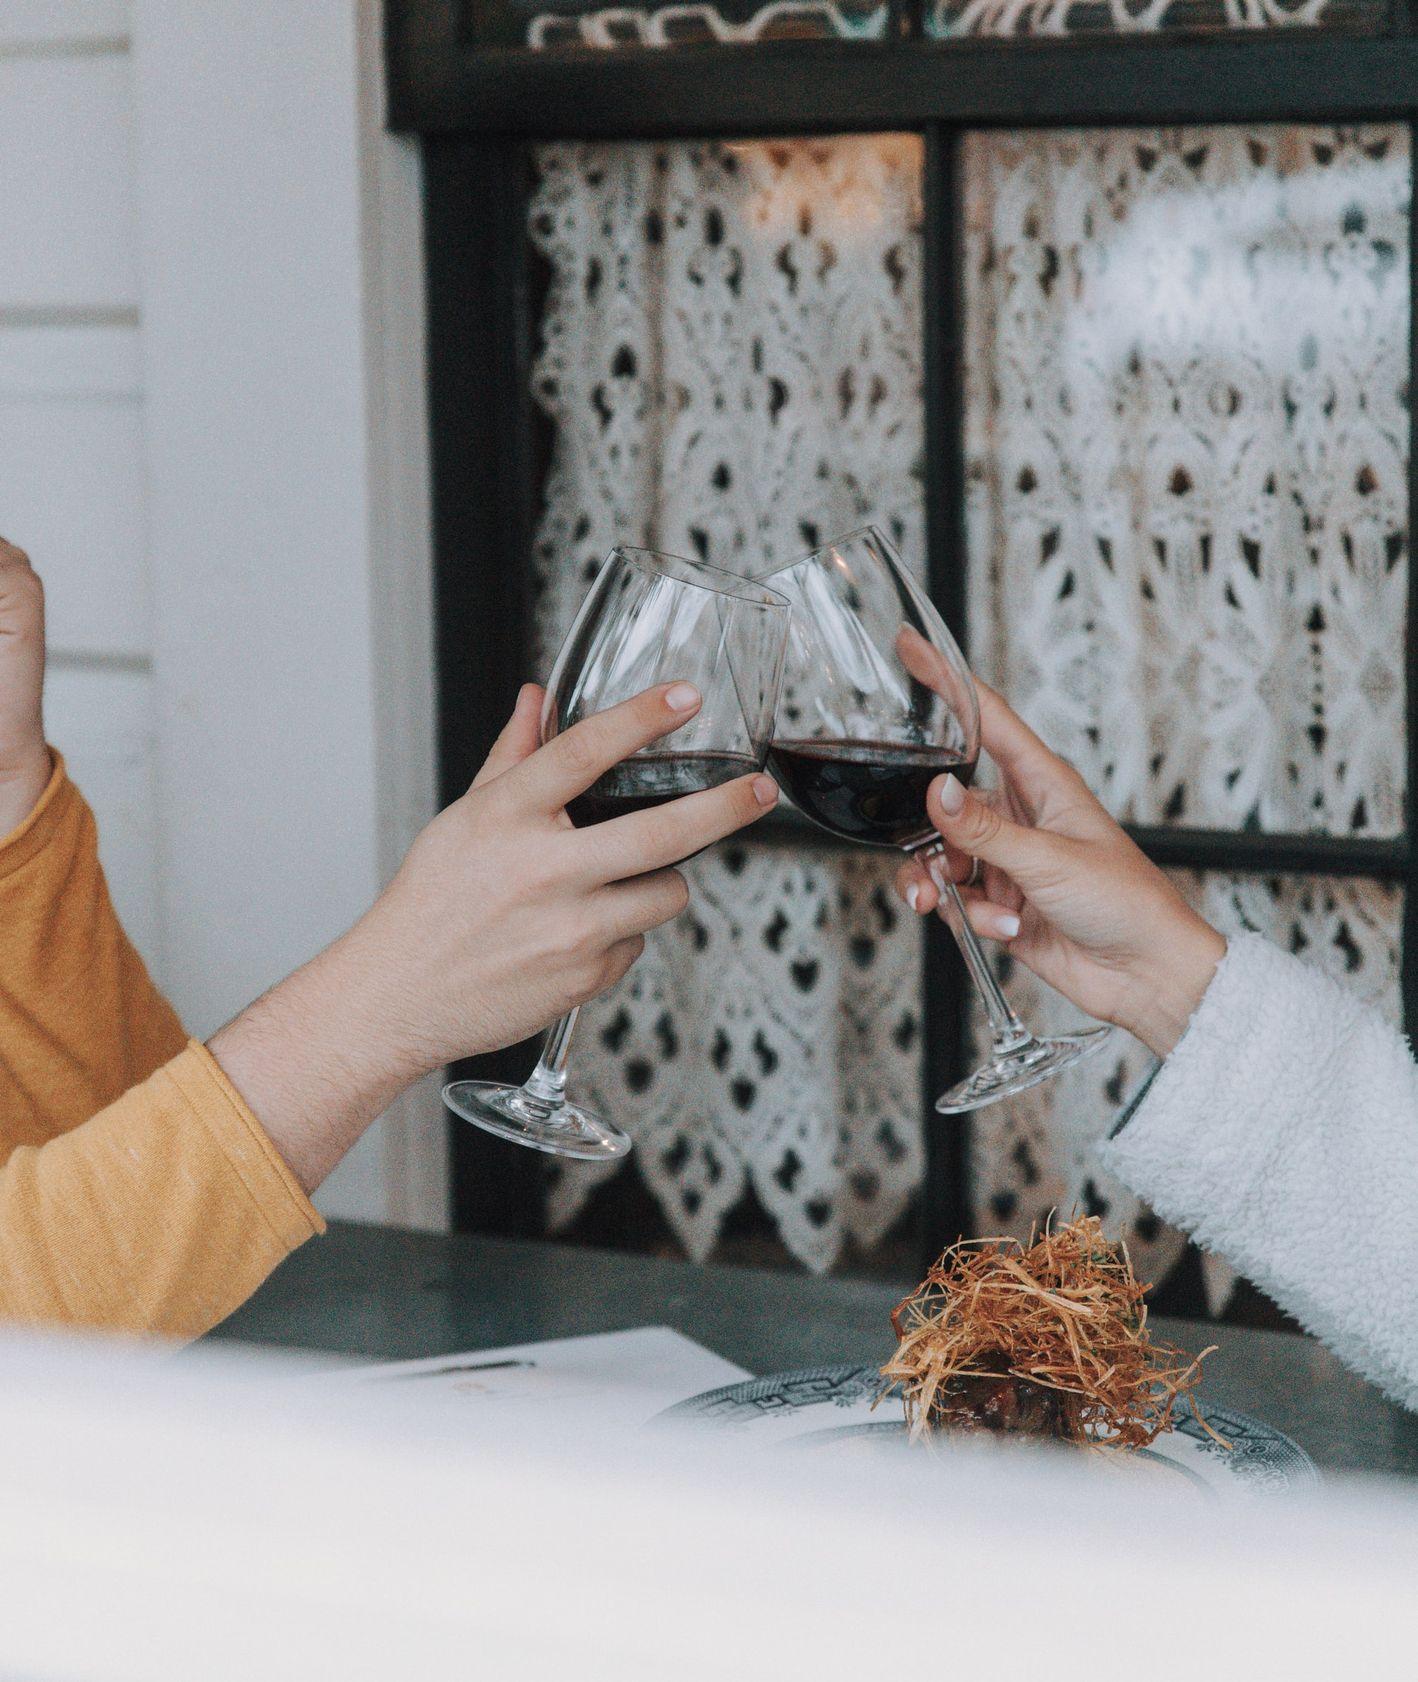 Para stukająca się kieliszkami z czerwonym winem w restauracji (fot. Nate Johnston / unsplash.com)